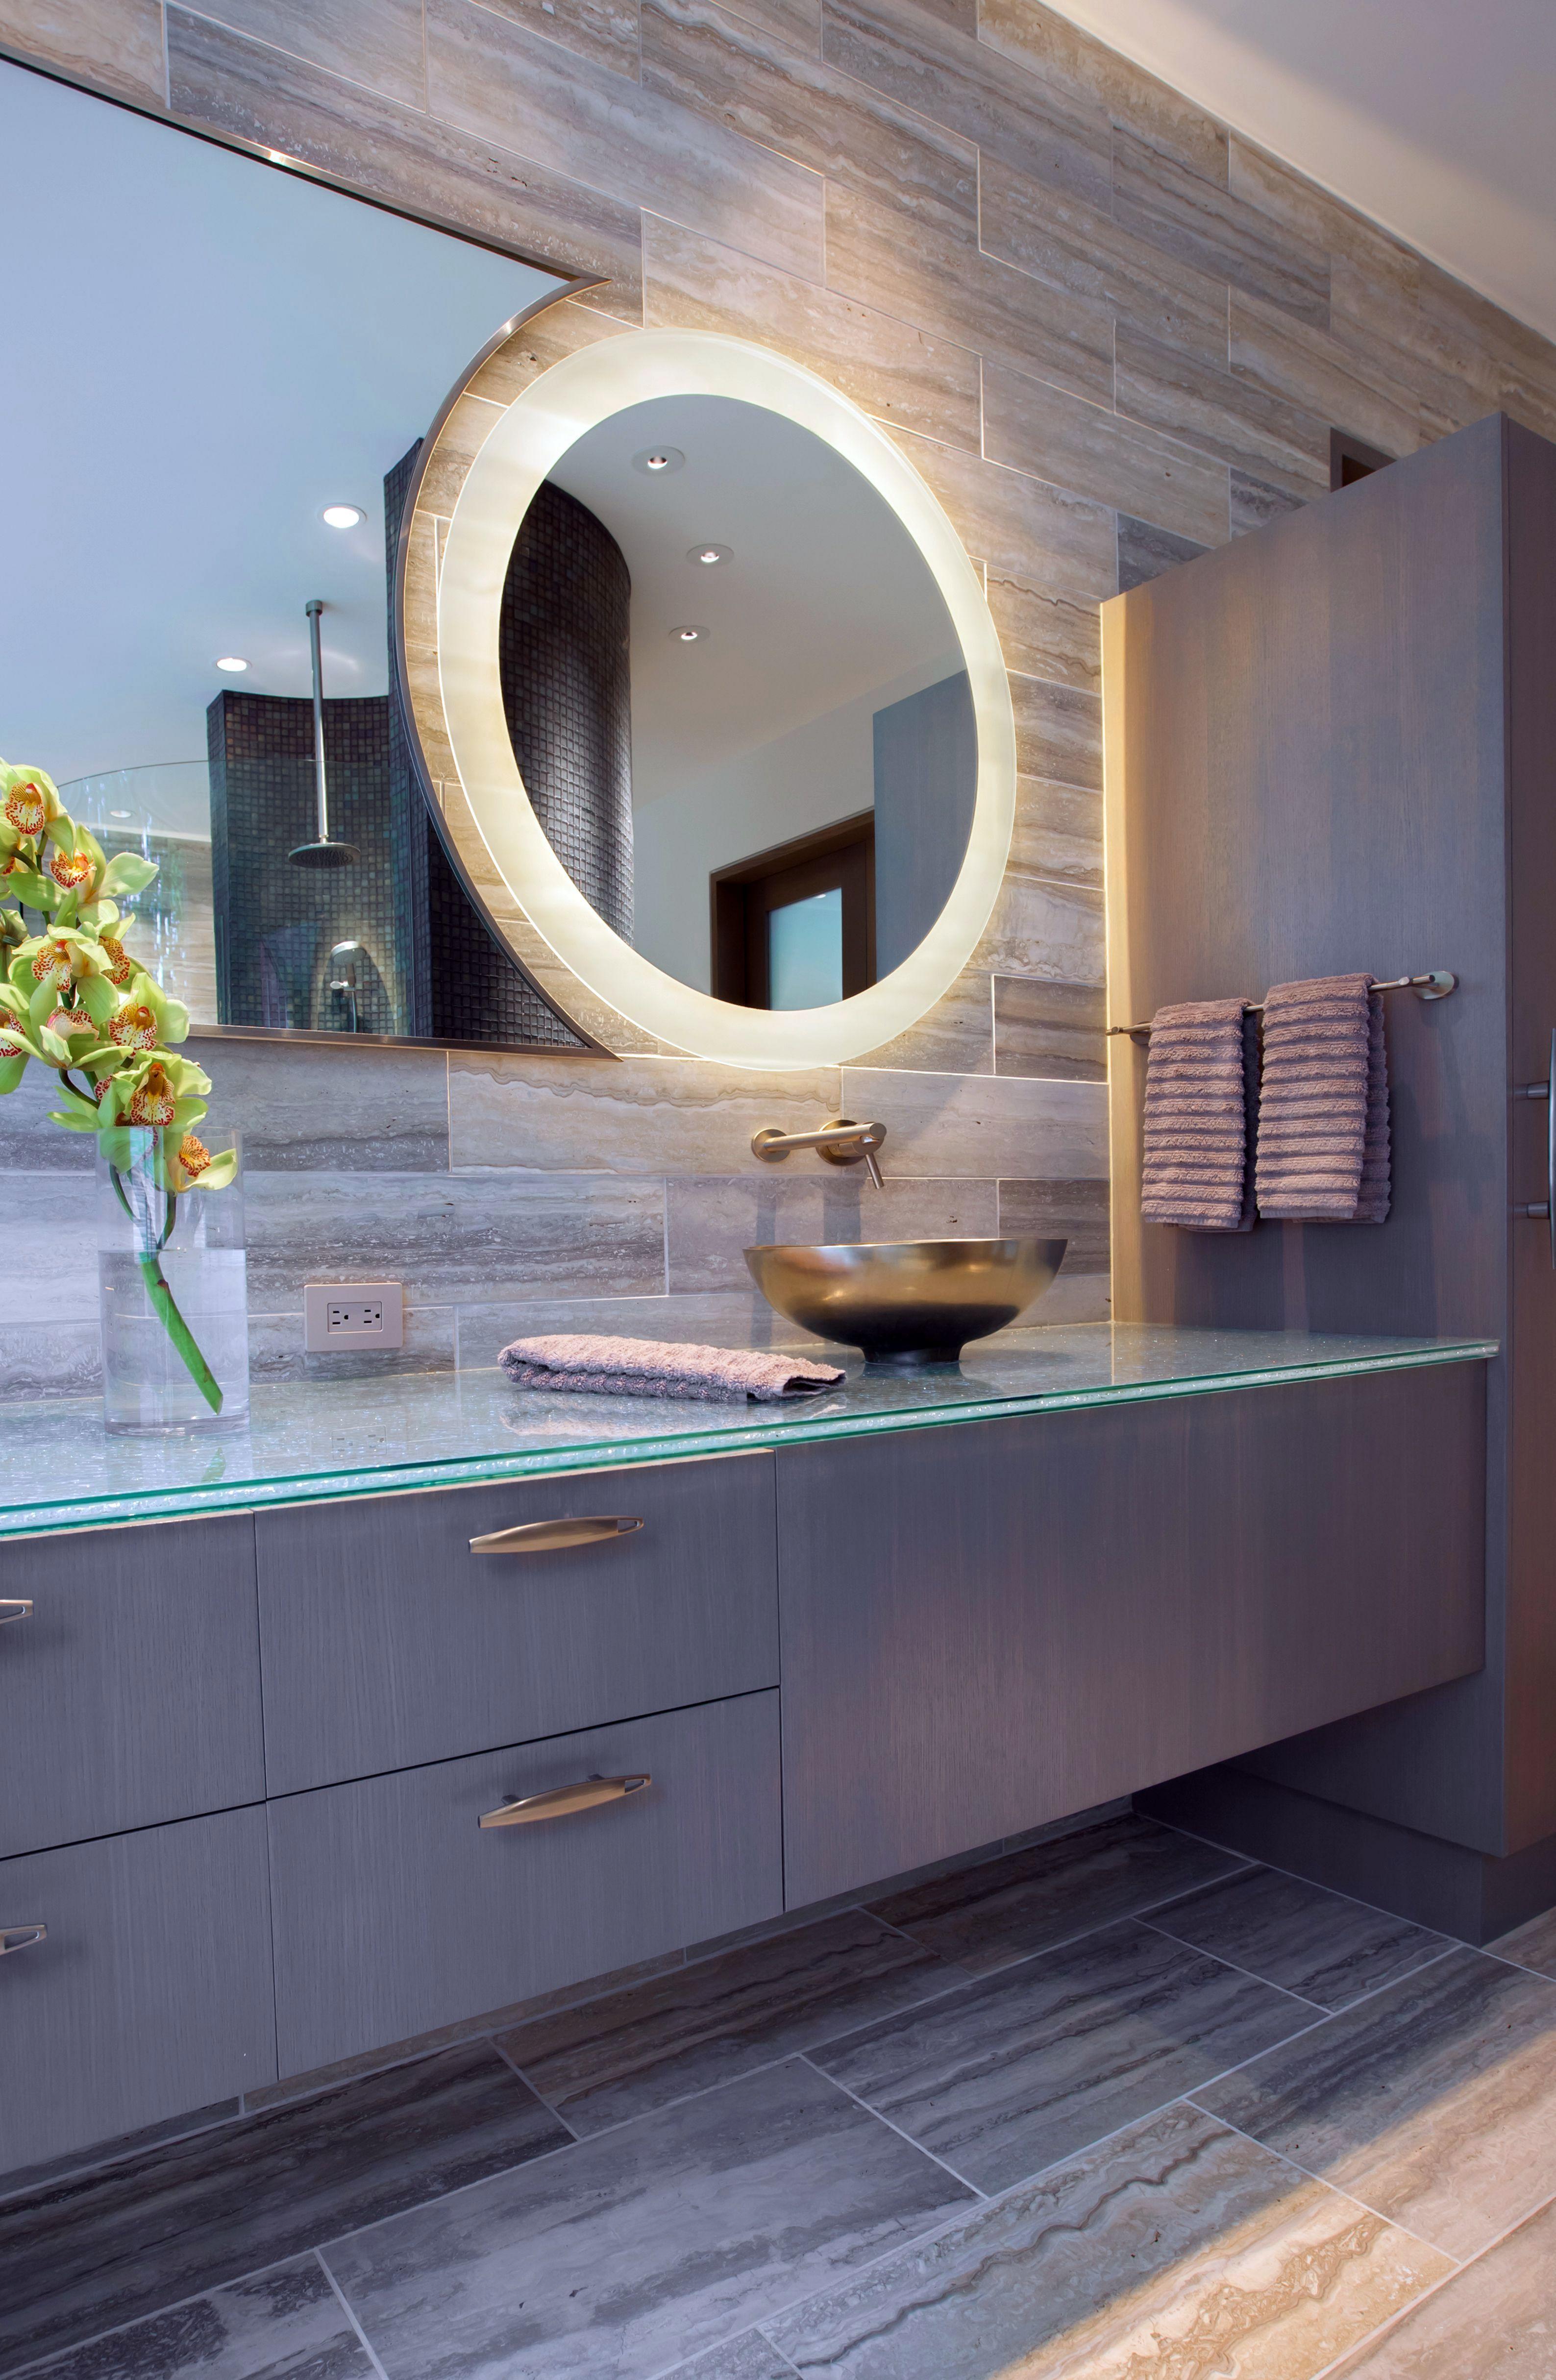 7 Best Modern Bathroom Mirror Design Ideas For Beautify Your Bathroom In 2020 Modern Bathroom Mirrors Bathroom Mirror Design Contemporary Bathroom Designs